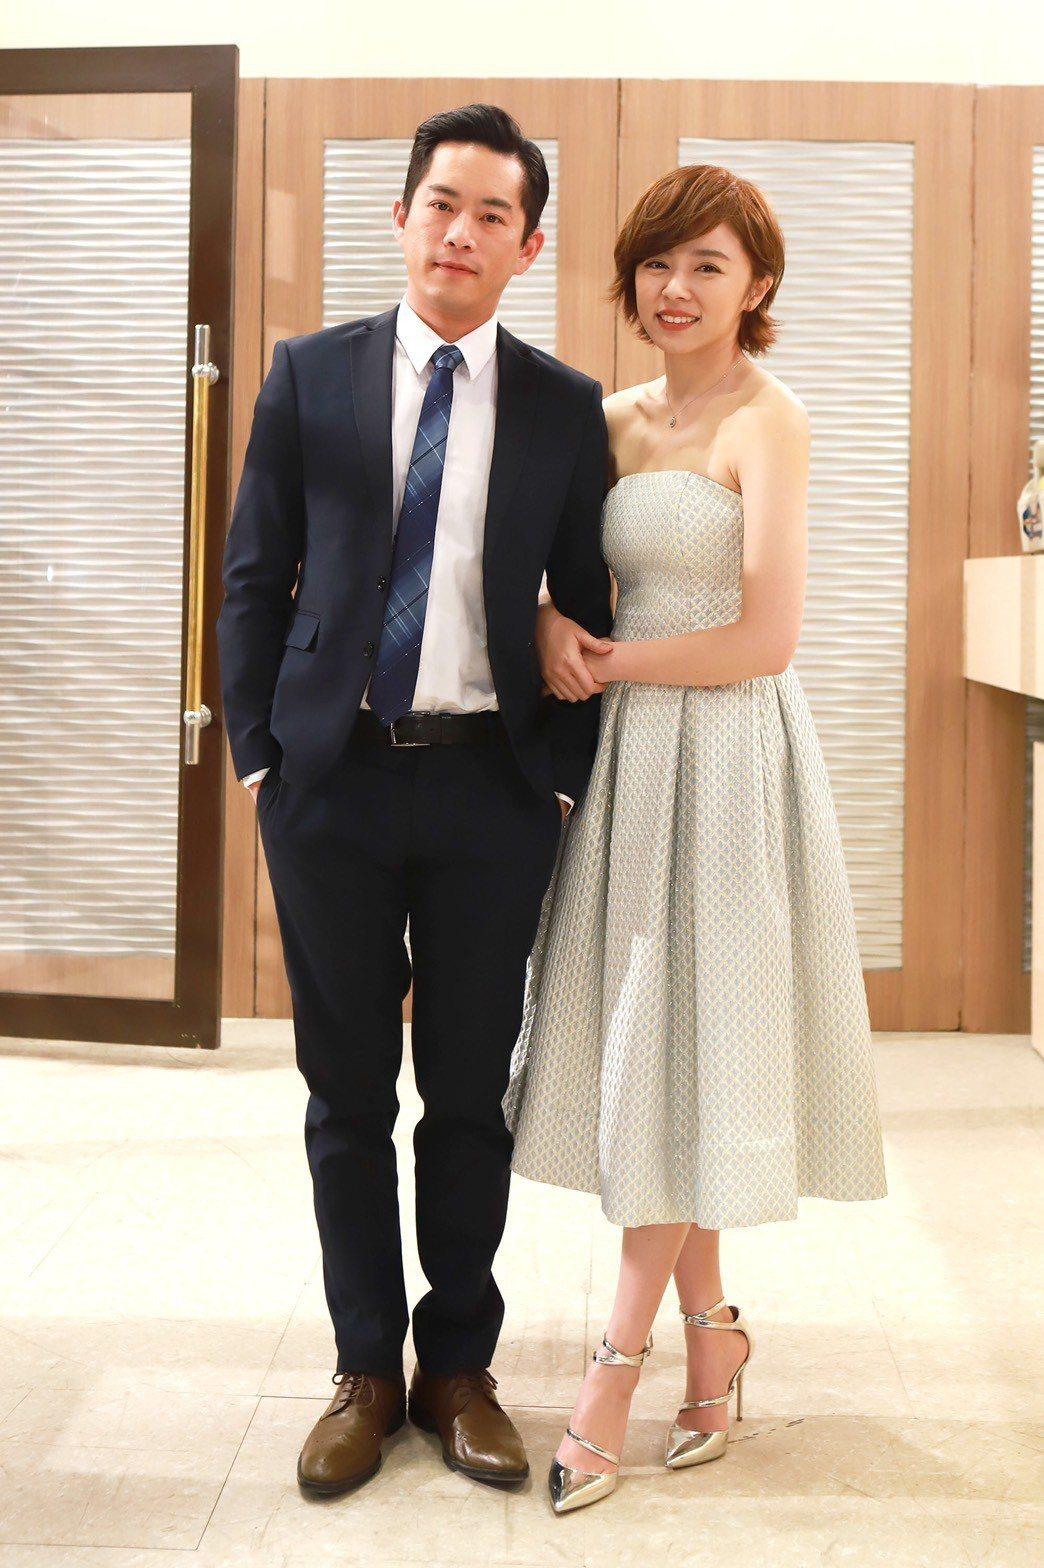 王瞳、Junior韓宜邦在戲中看似有舊情復燃跡象,讓網友很緊張。圖/民視提供